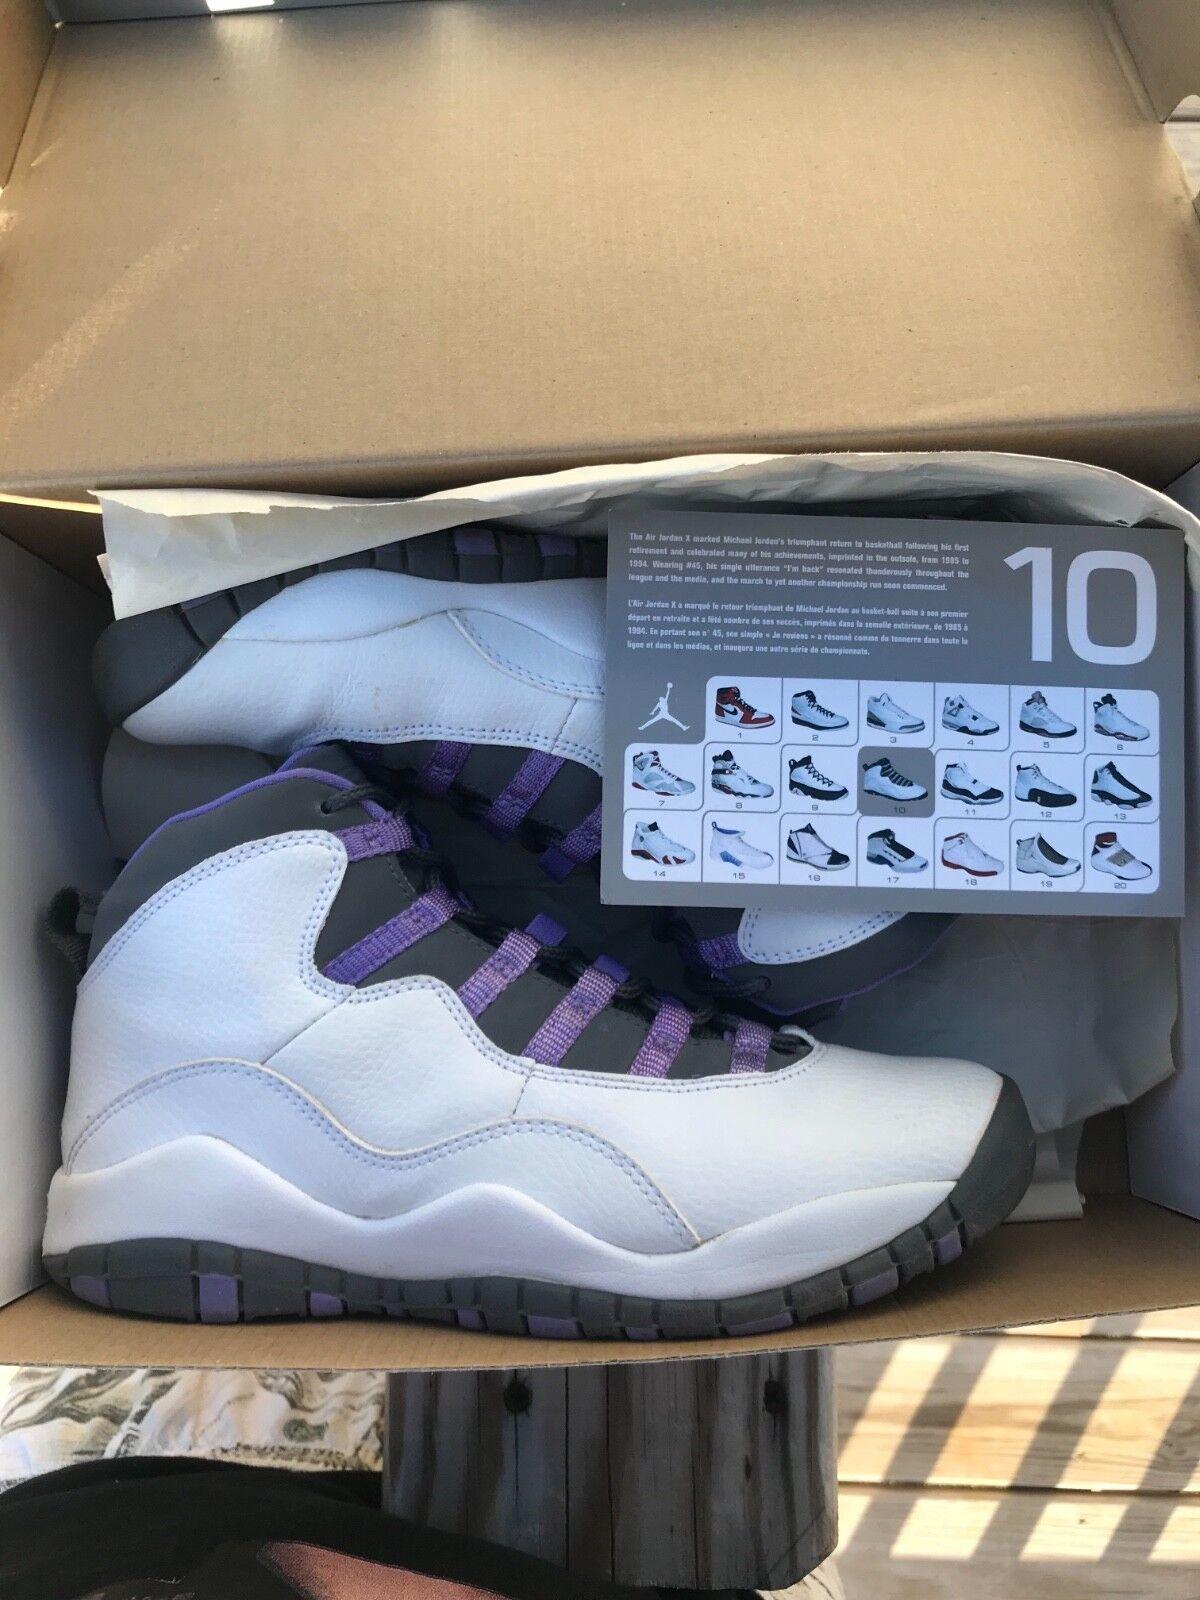 2018 Violet Jordan 10 Violet 2018 tamaño 6 baratos zapatos de mujer zapatos de mujer 006665